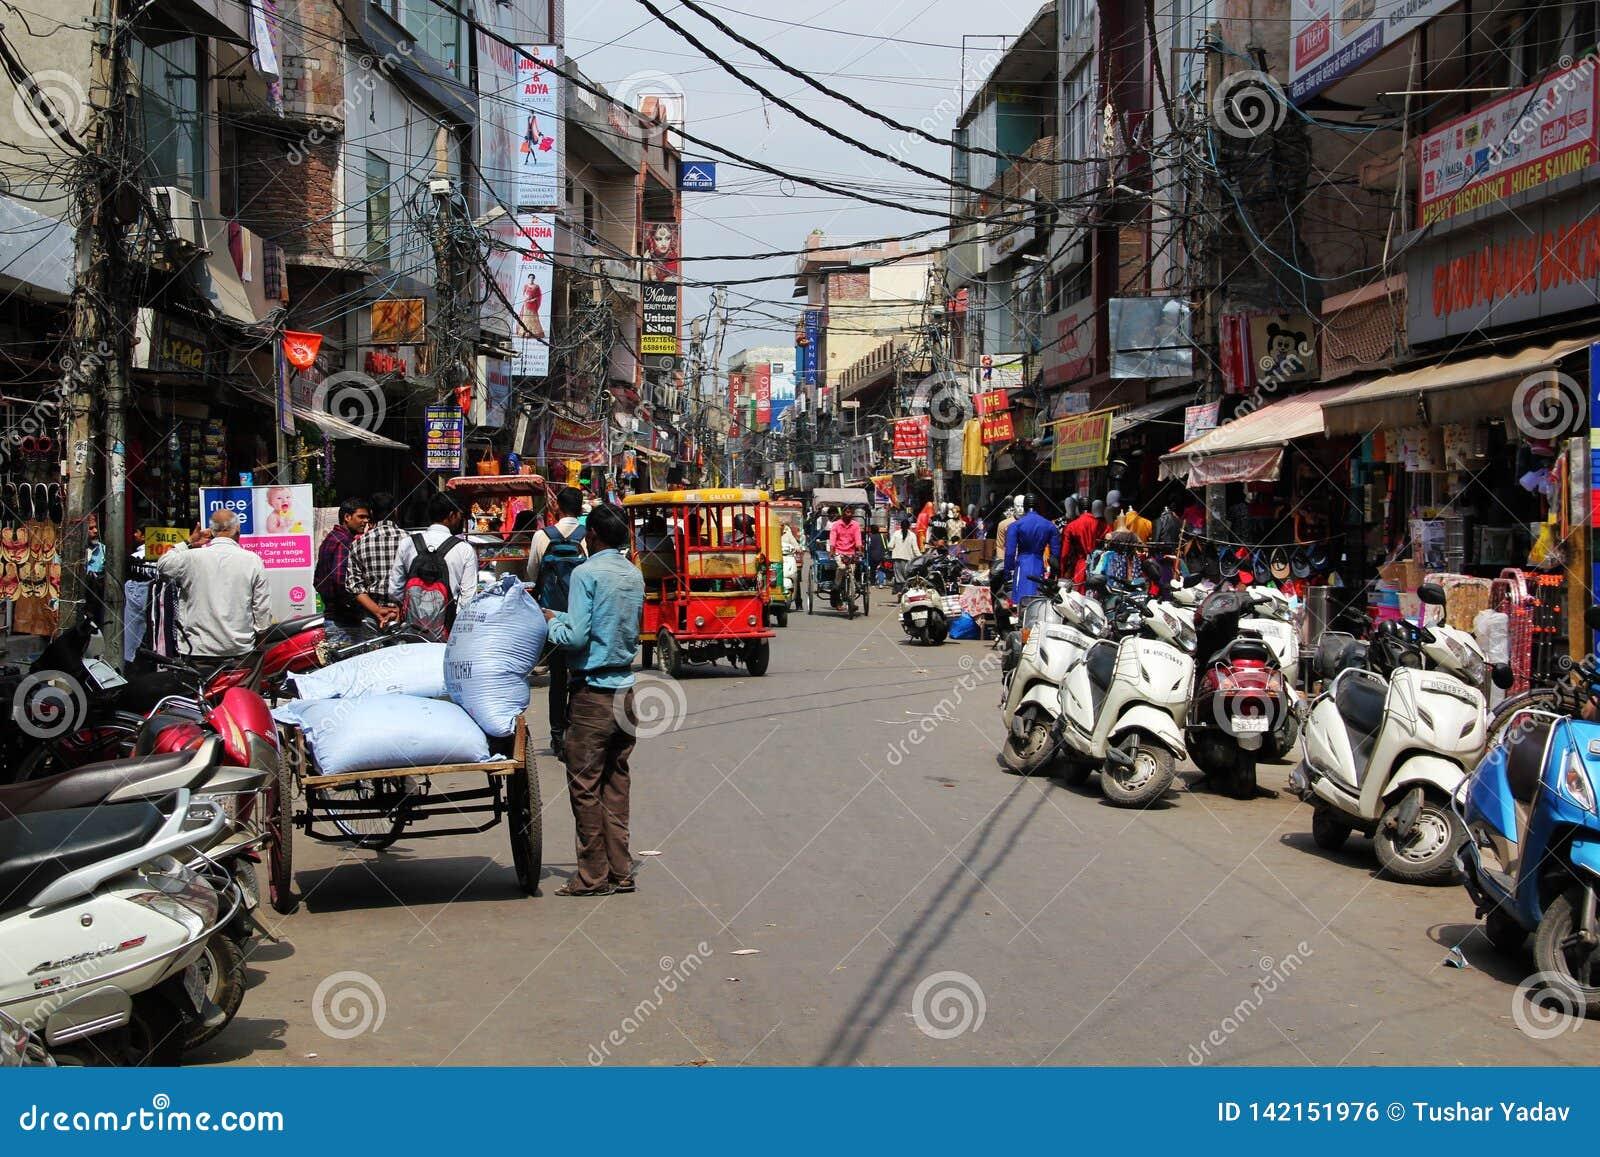 Delhi Sadar Bazar Market with full of Crowd.